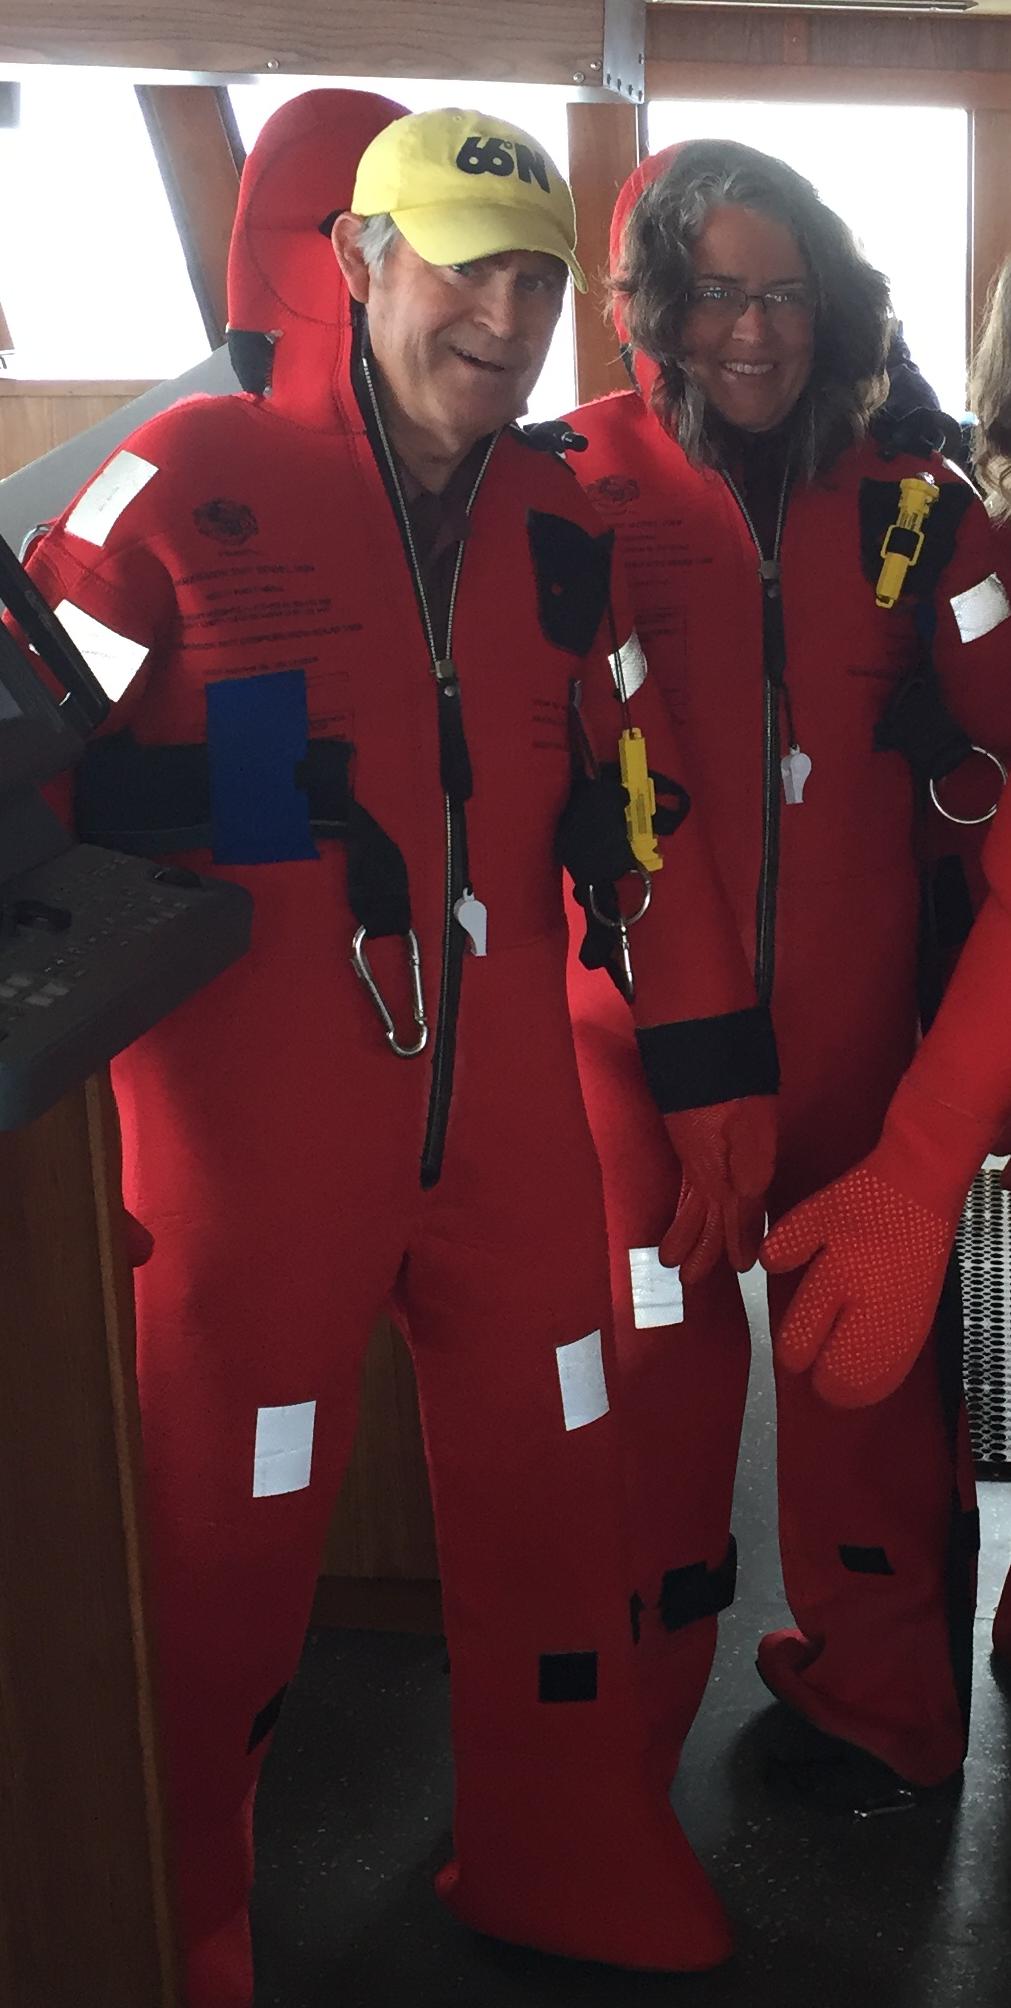 Flotation suits